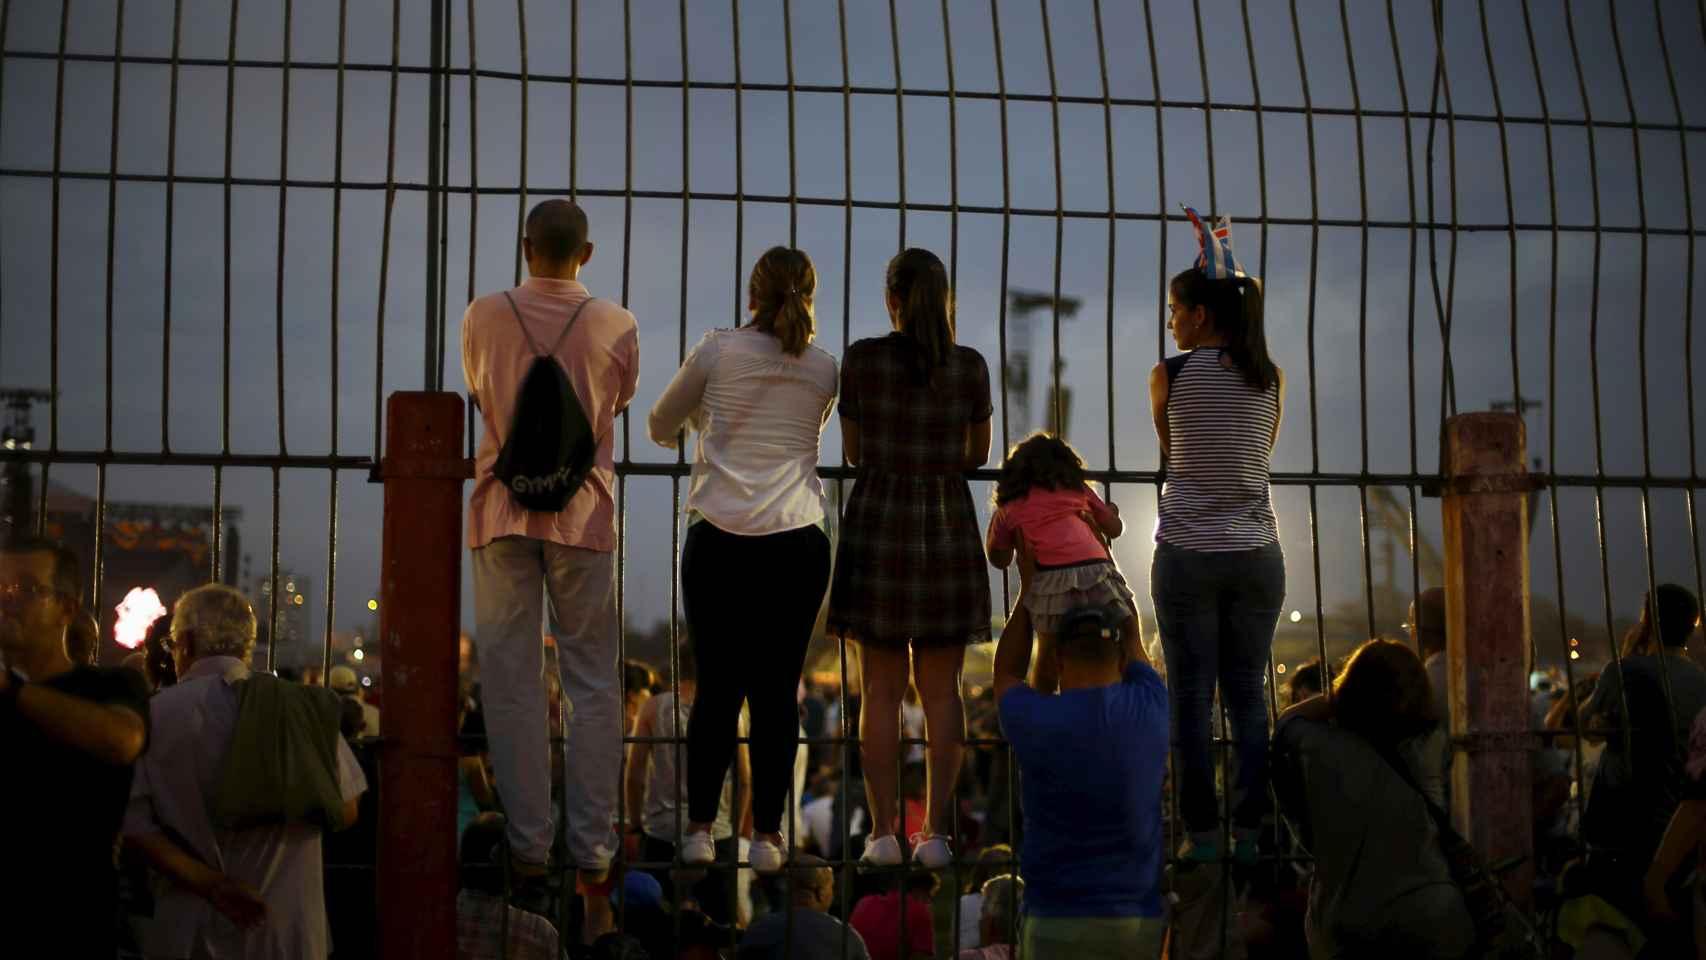 Varios fans se encaraman a una valla para poder ver el espectáculo